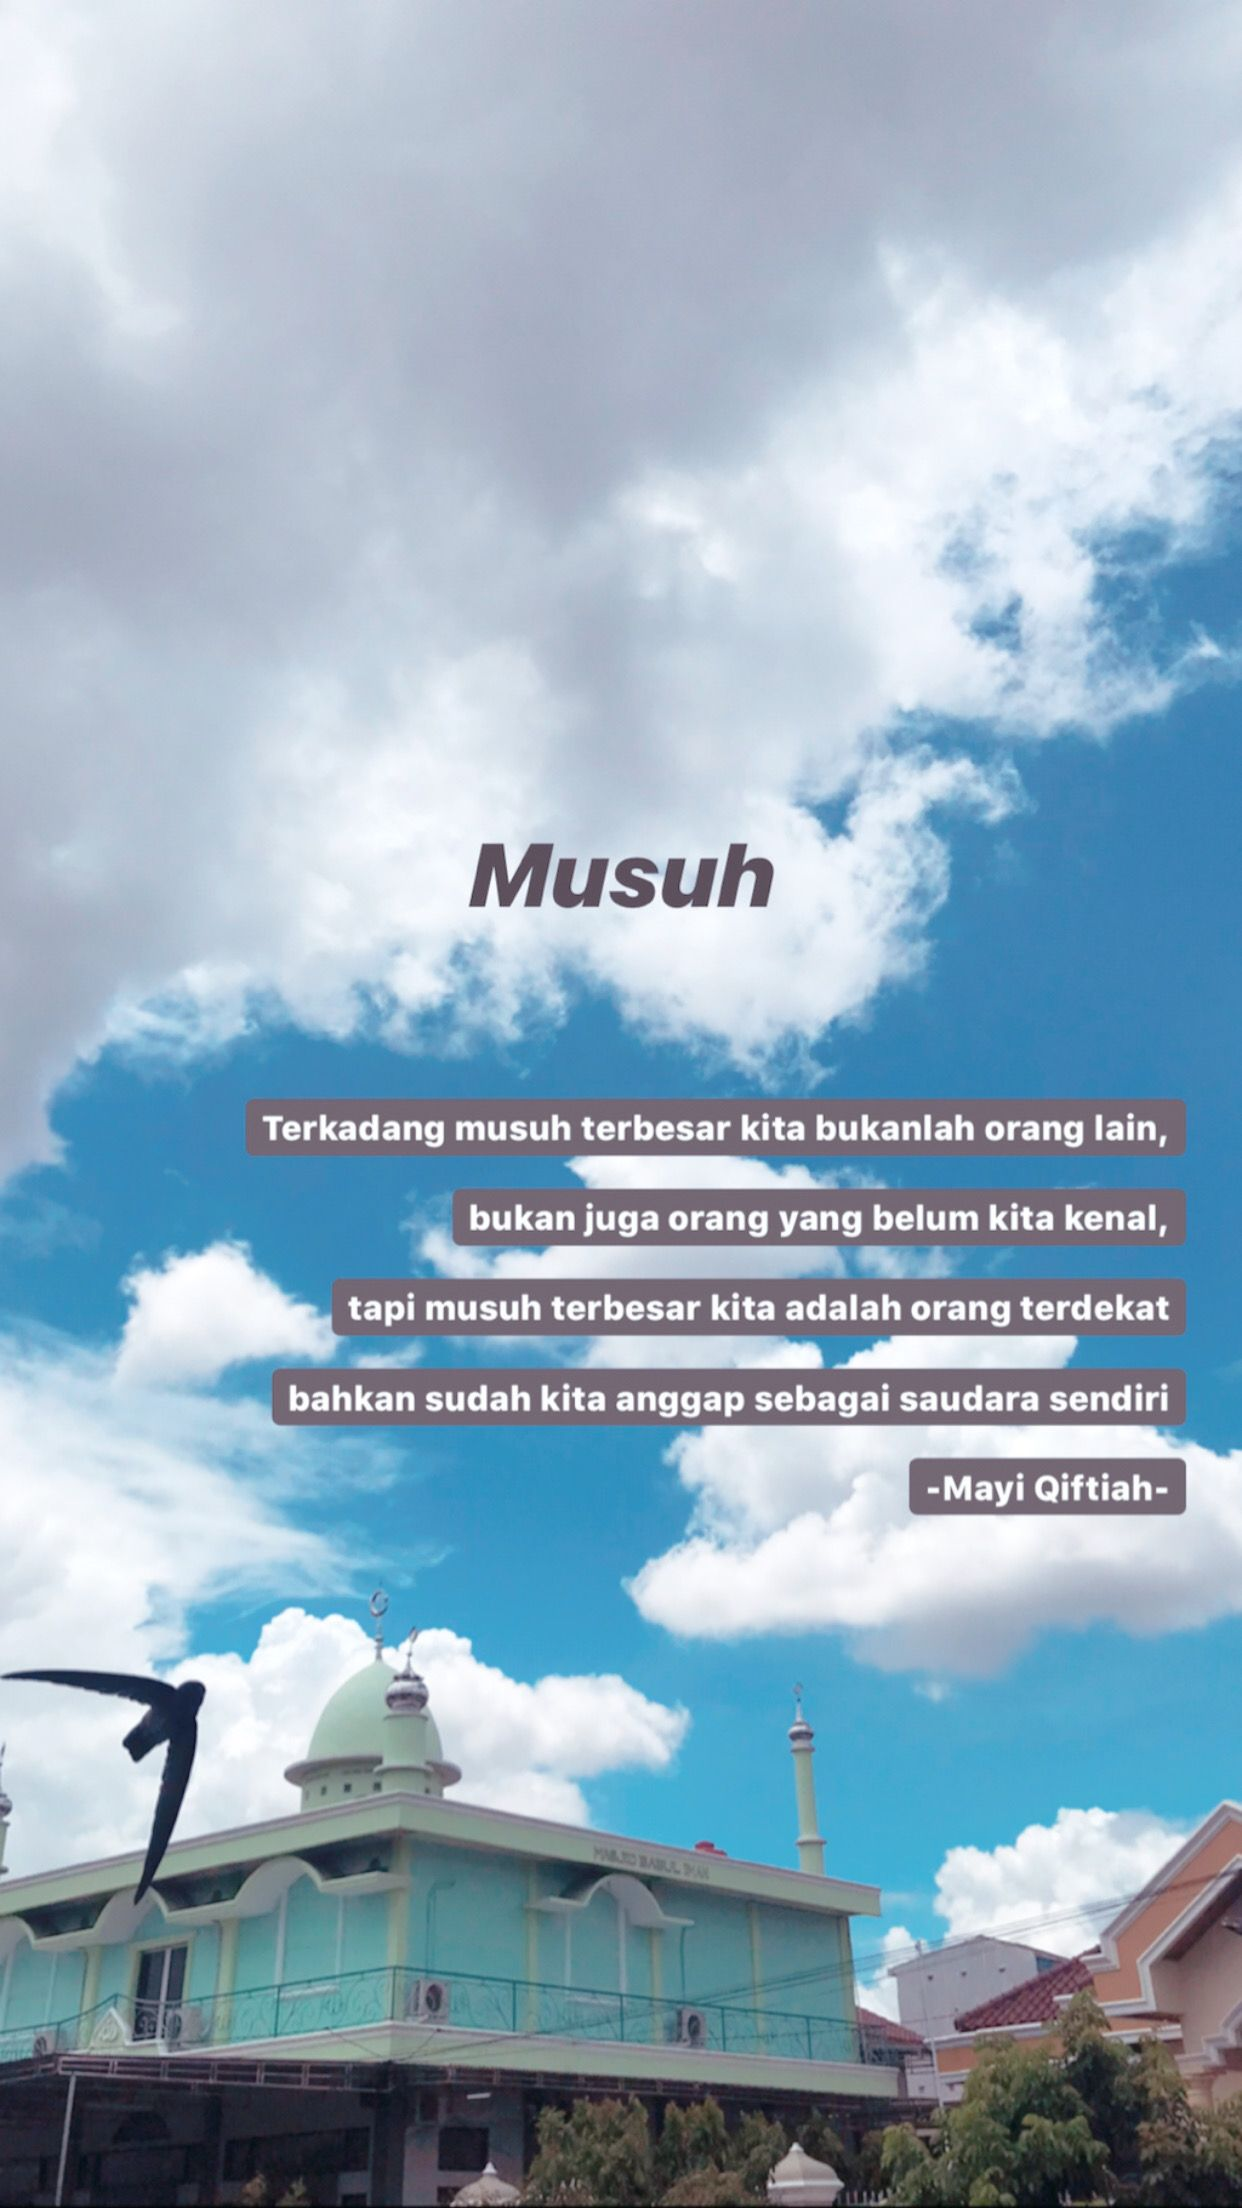 Musuh Dalam Selimut Kata Indah Motivasi Kutipan Real Estate Bahasa Indonesia